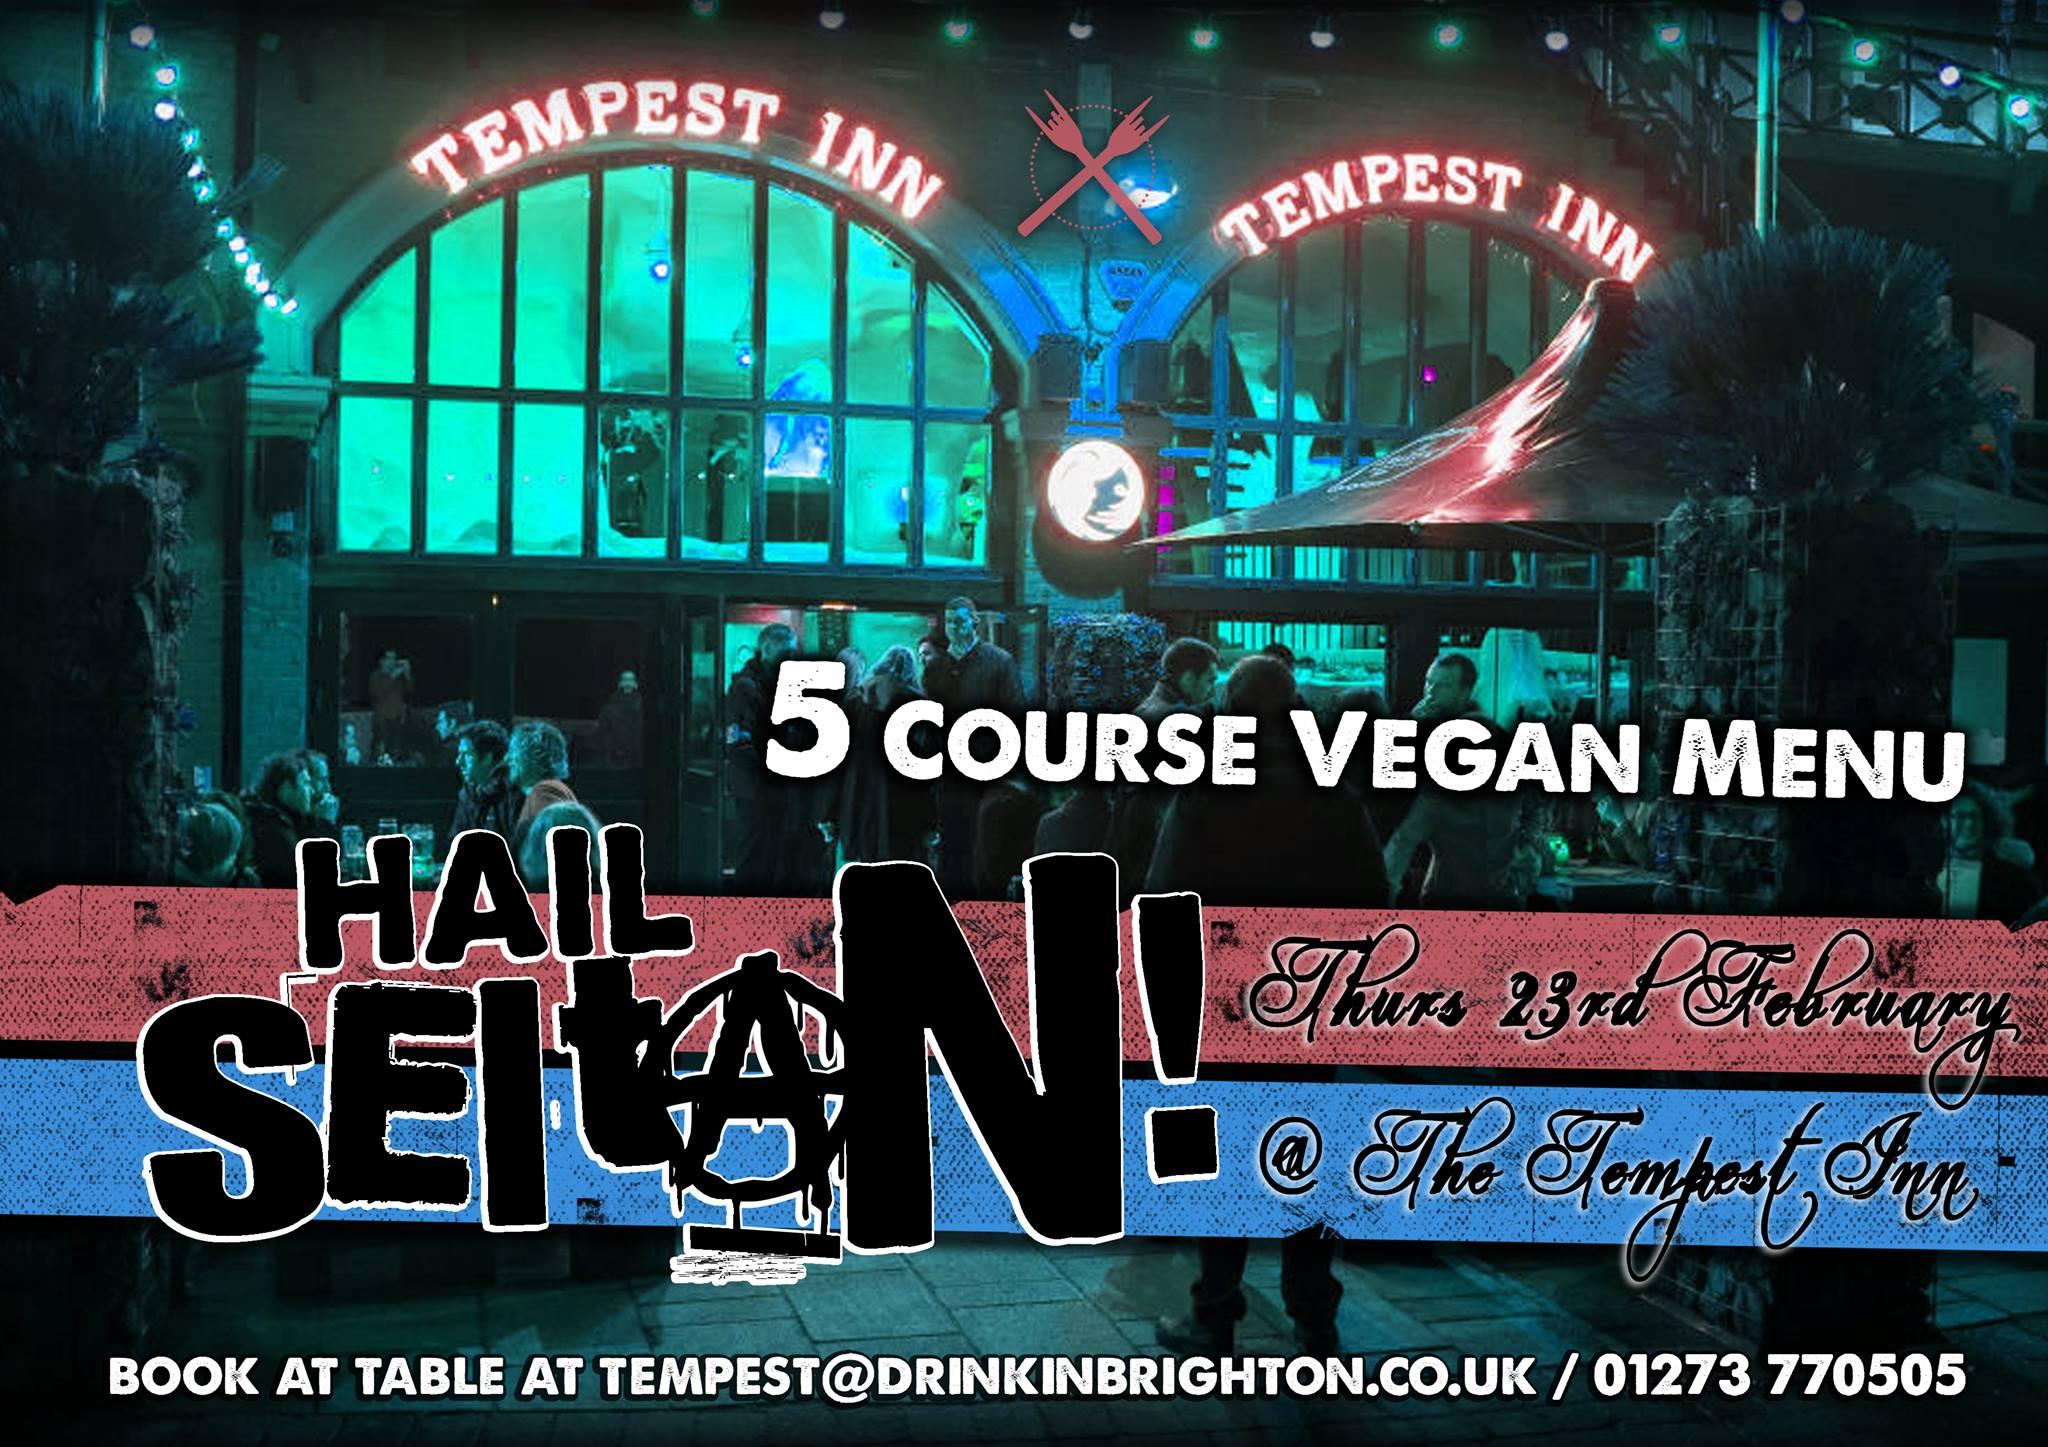 Hail Seitan! 5 Course Vegan Extravaganza - Tempest Inn pub - brighton seafront  supper club.jpg